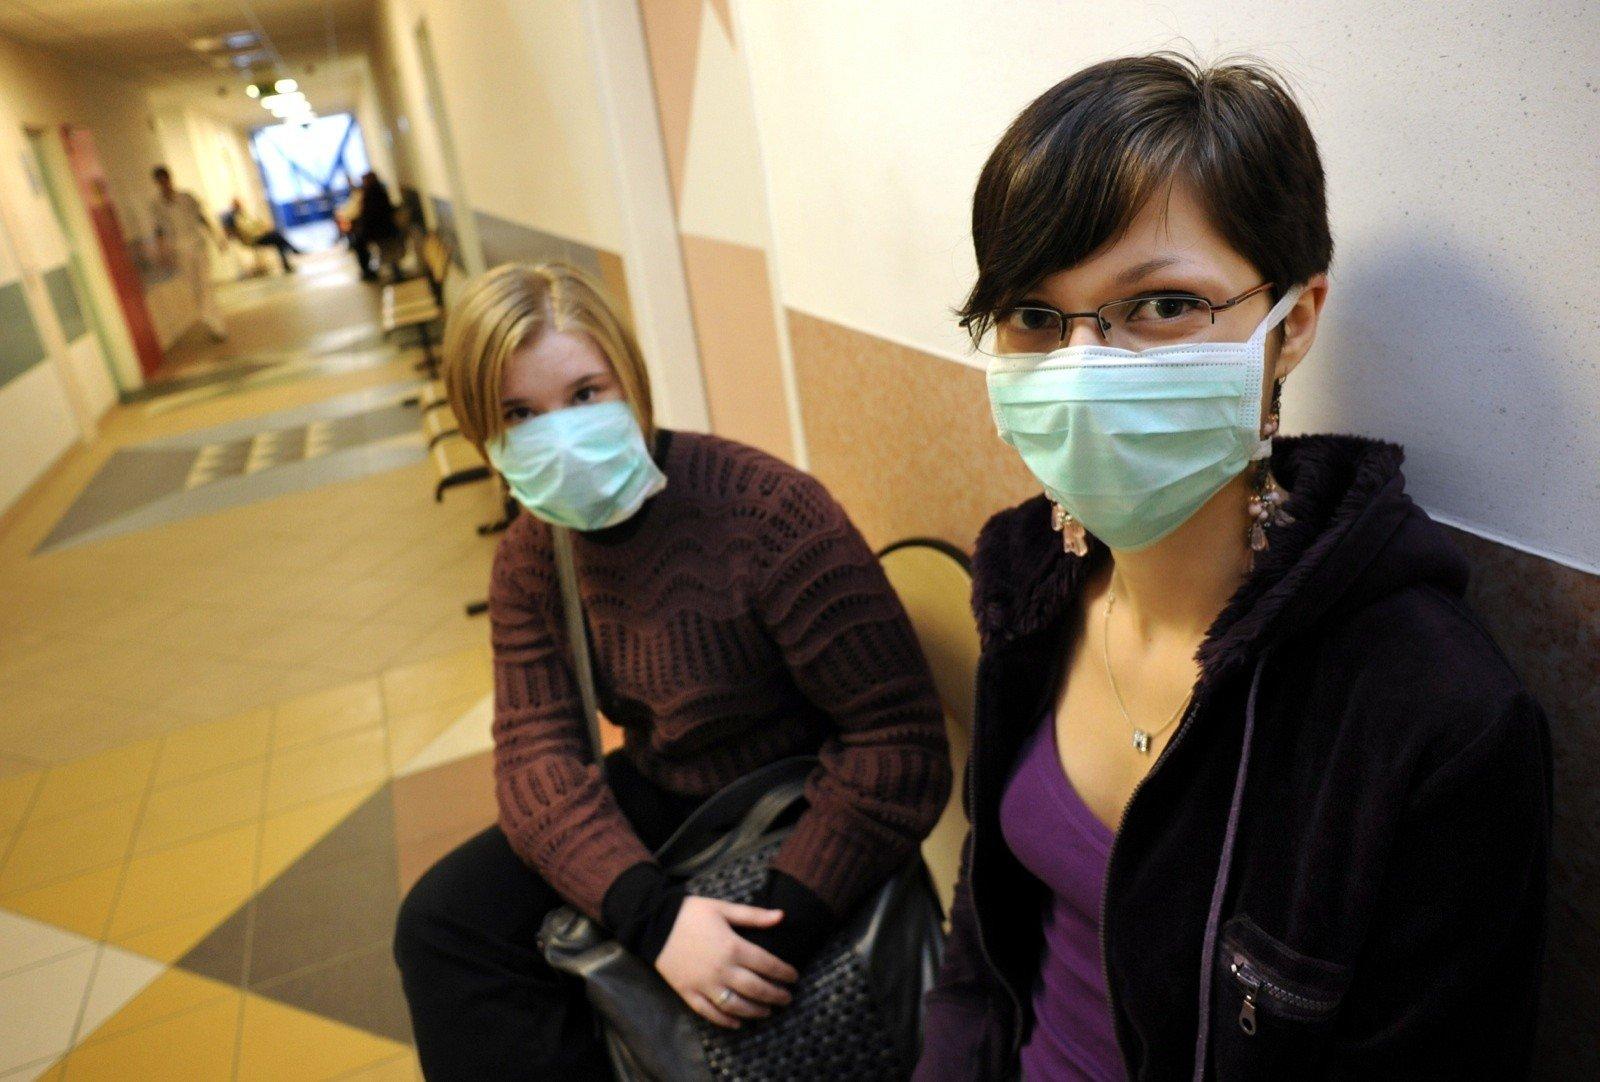 Koronawirus. Ceny maseczek na twarz poszybowały w górę. Czy maseczki chirurgiczne chronią przed koronawirusem? | Polska Times